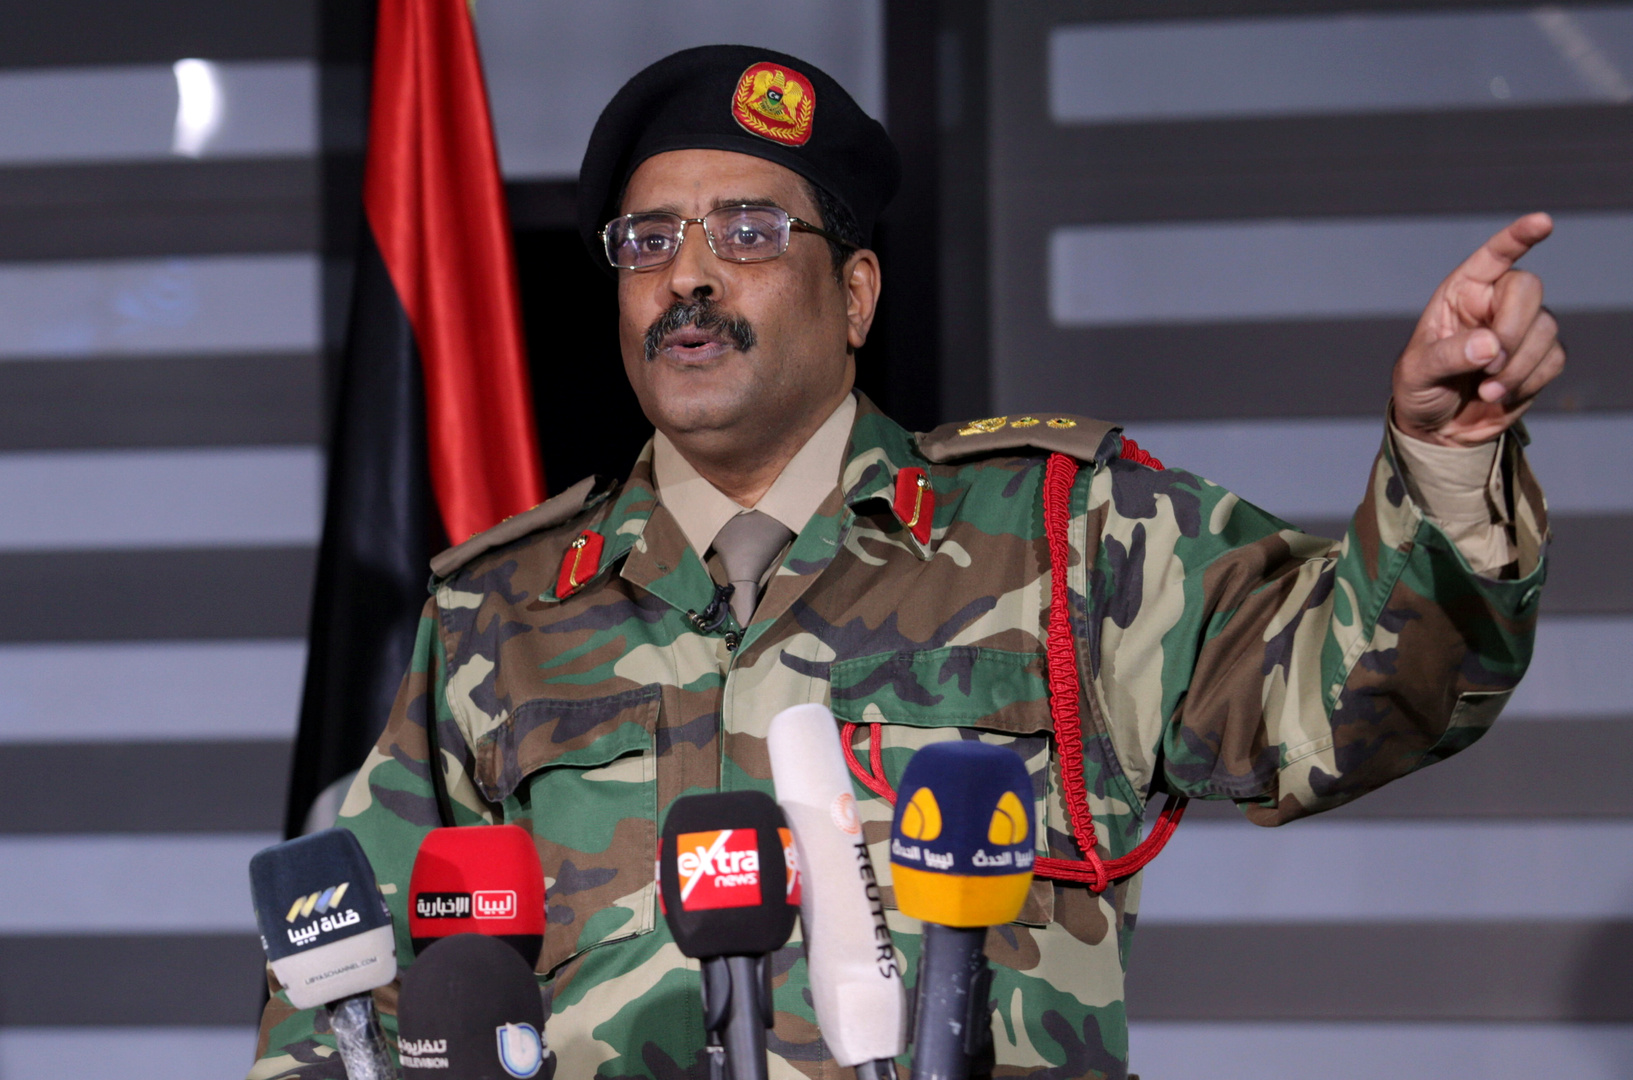 قوات حفتر تدرس دعوات لوقف القتال في طرابلس لإفساح المجال لمواجهة كورونا